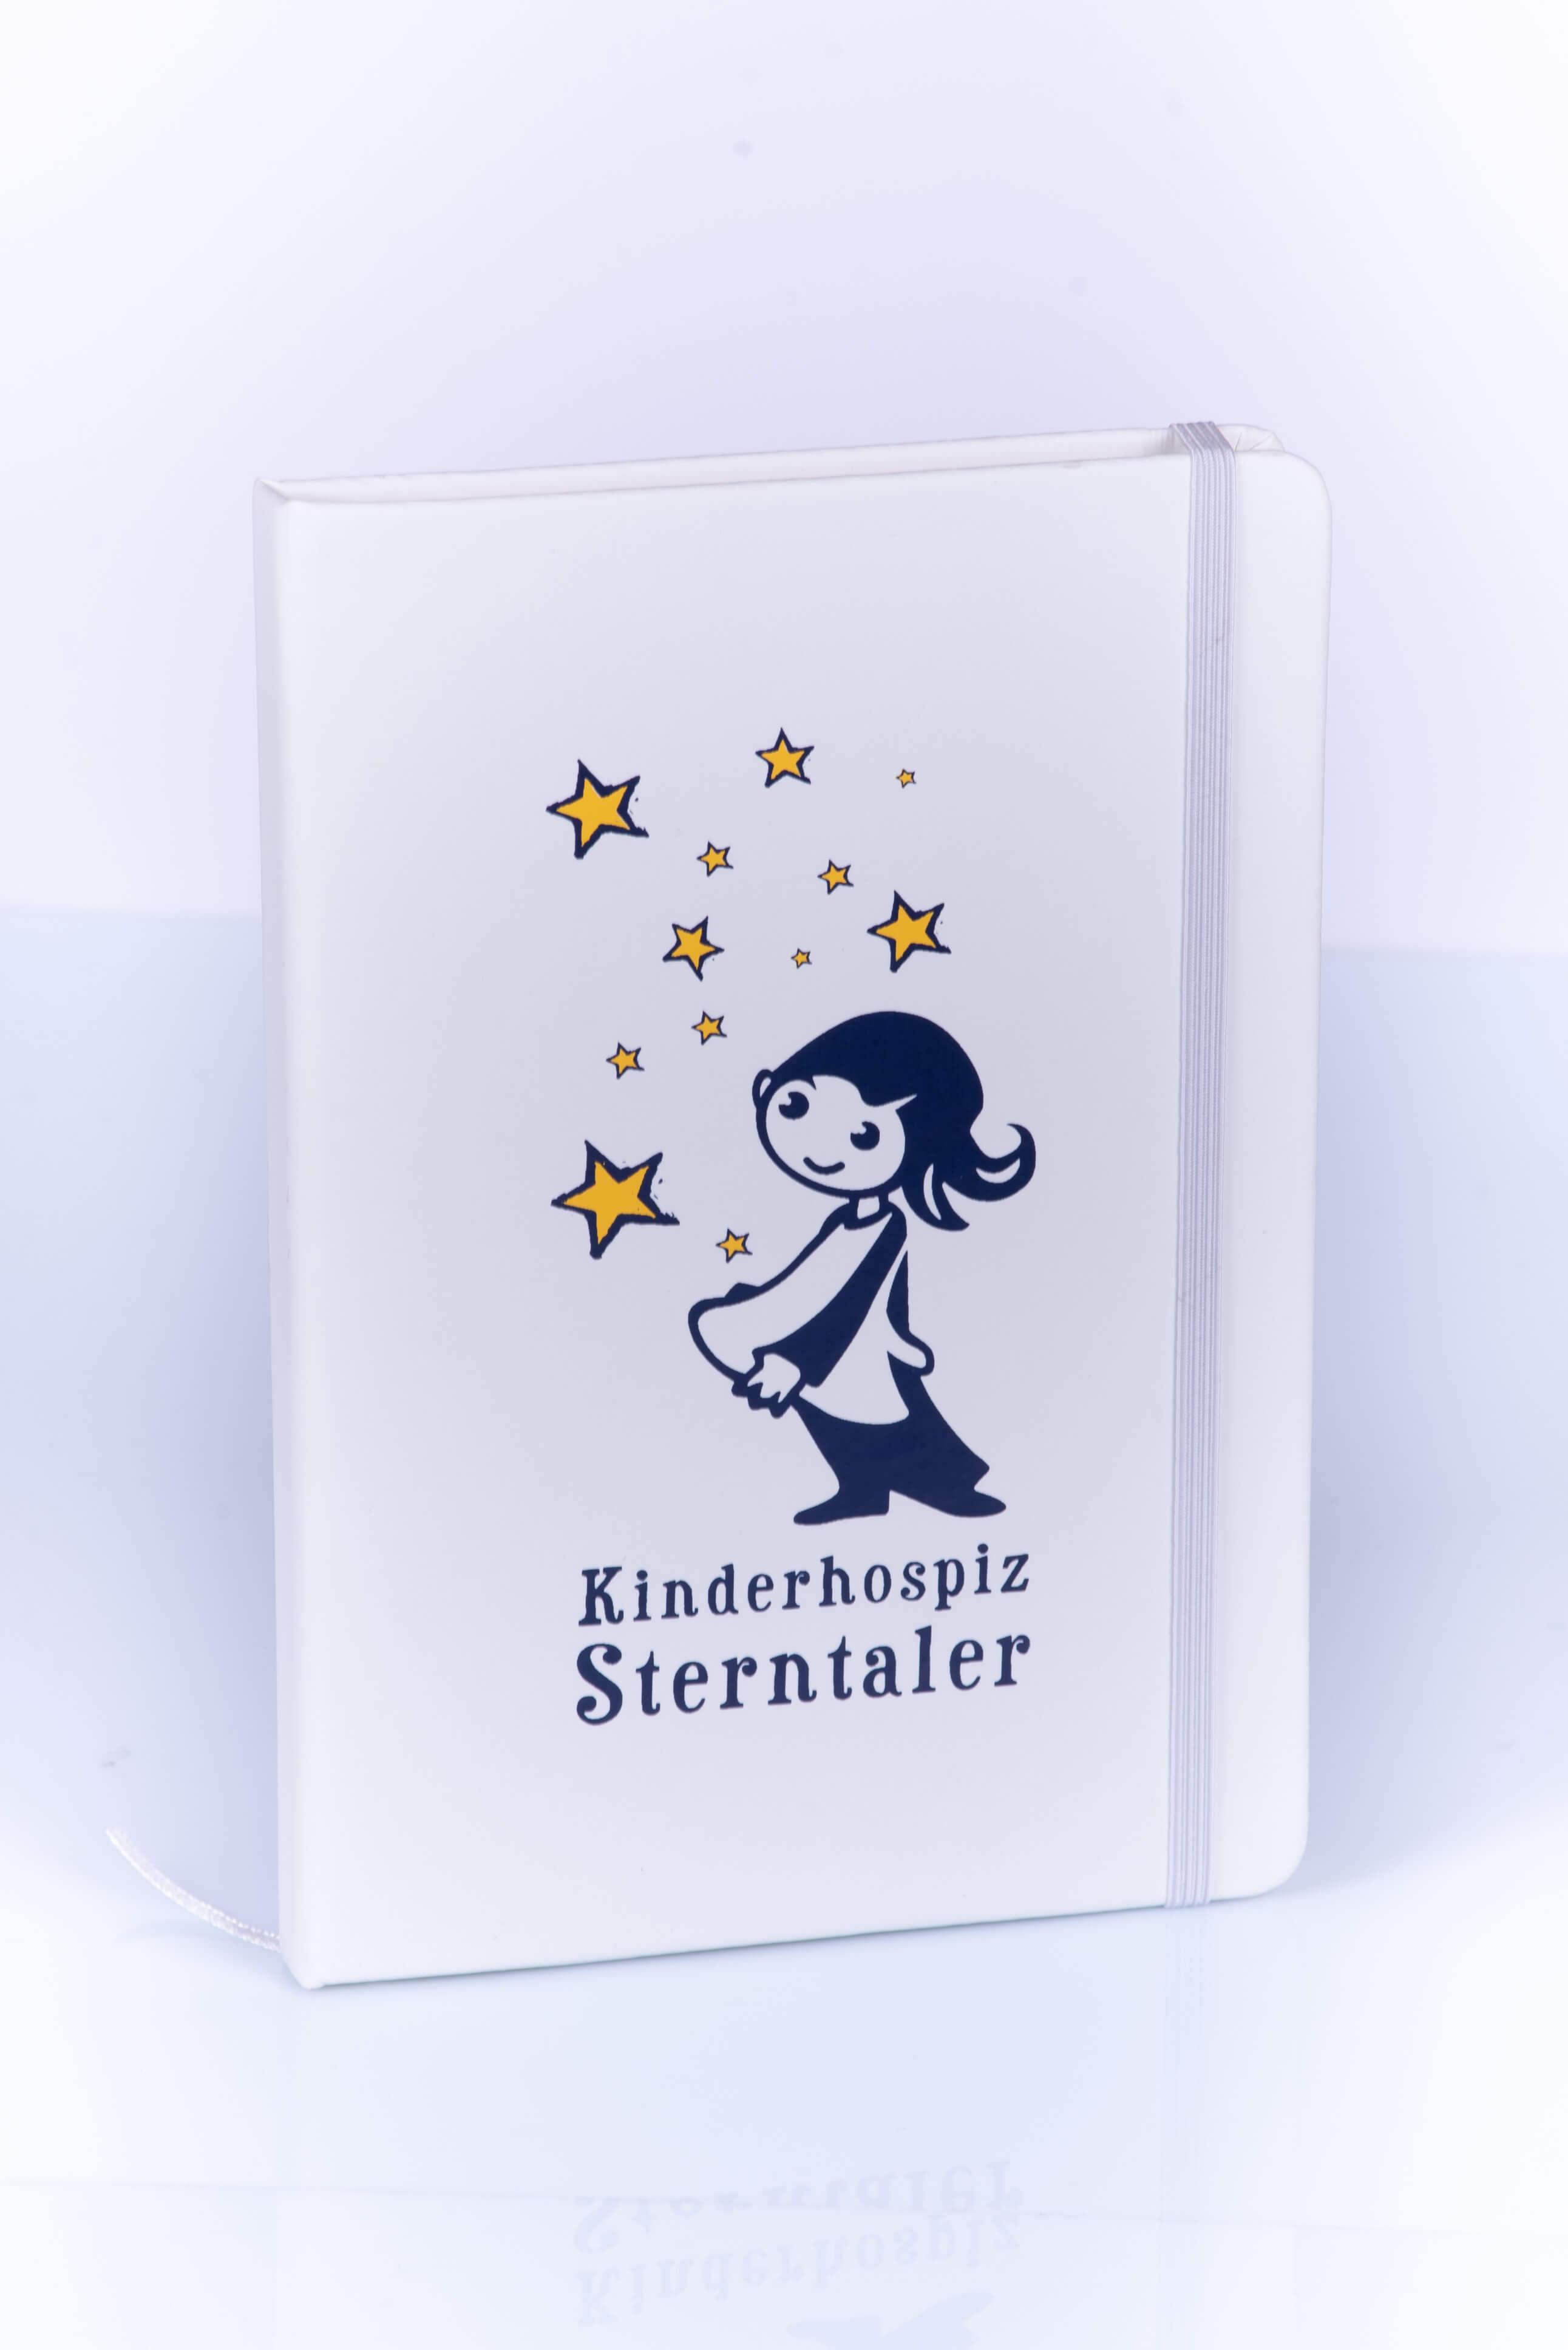 khs_produkt_notizbuch_1